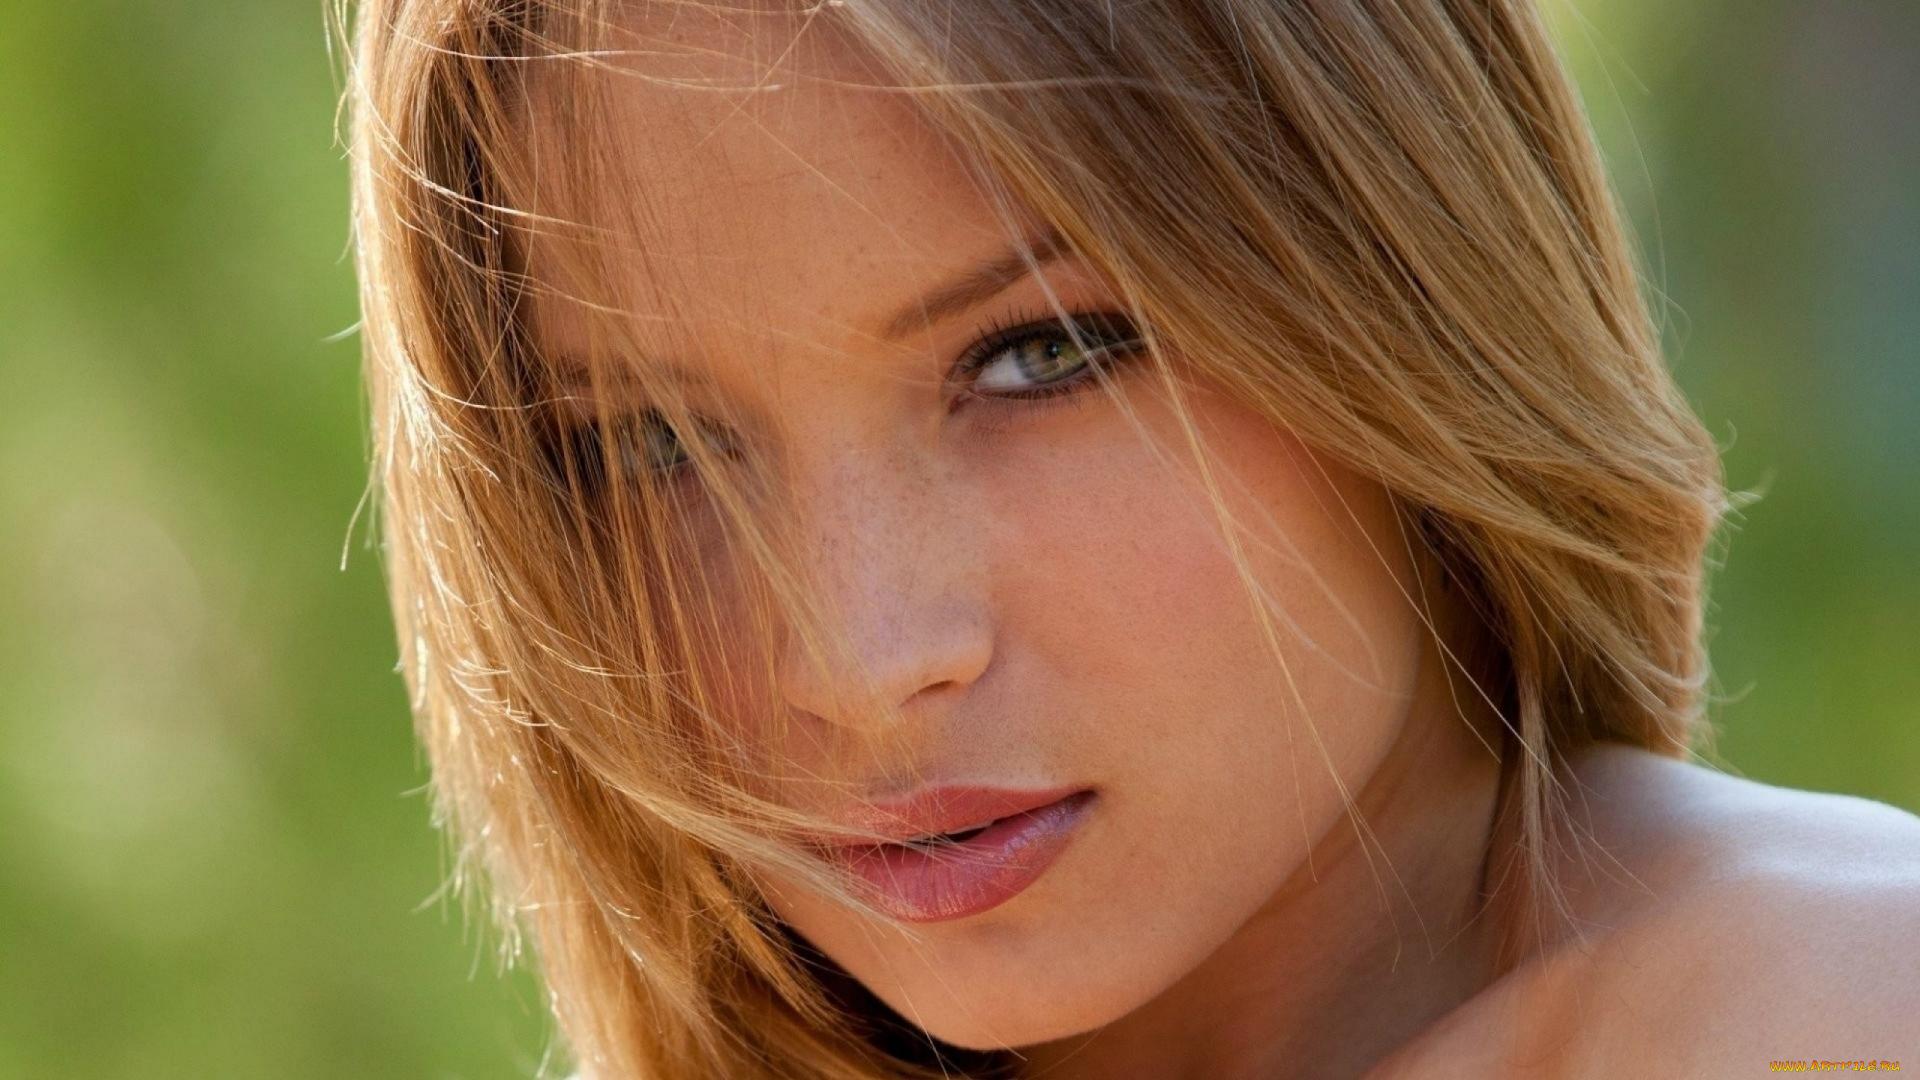 Девушка блондинка взгляд лицо без регистрации